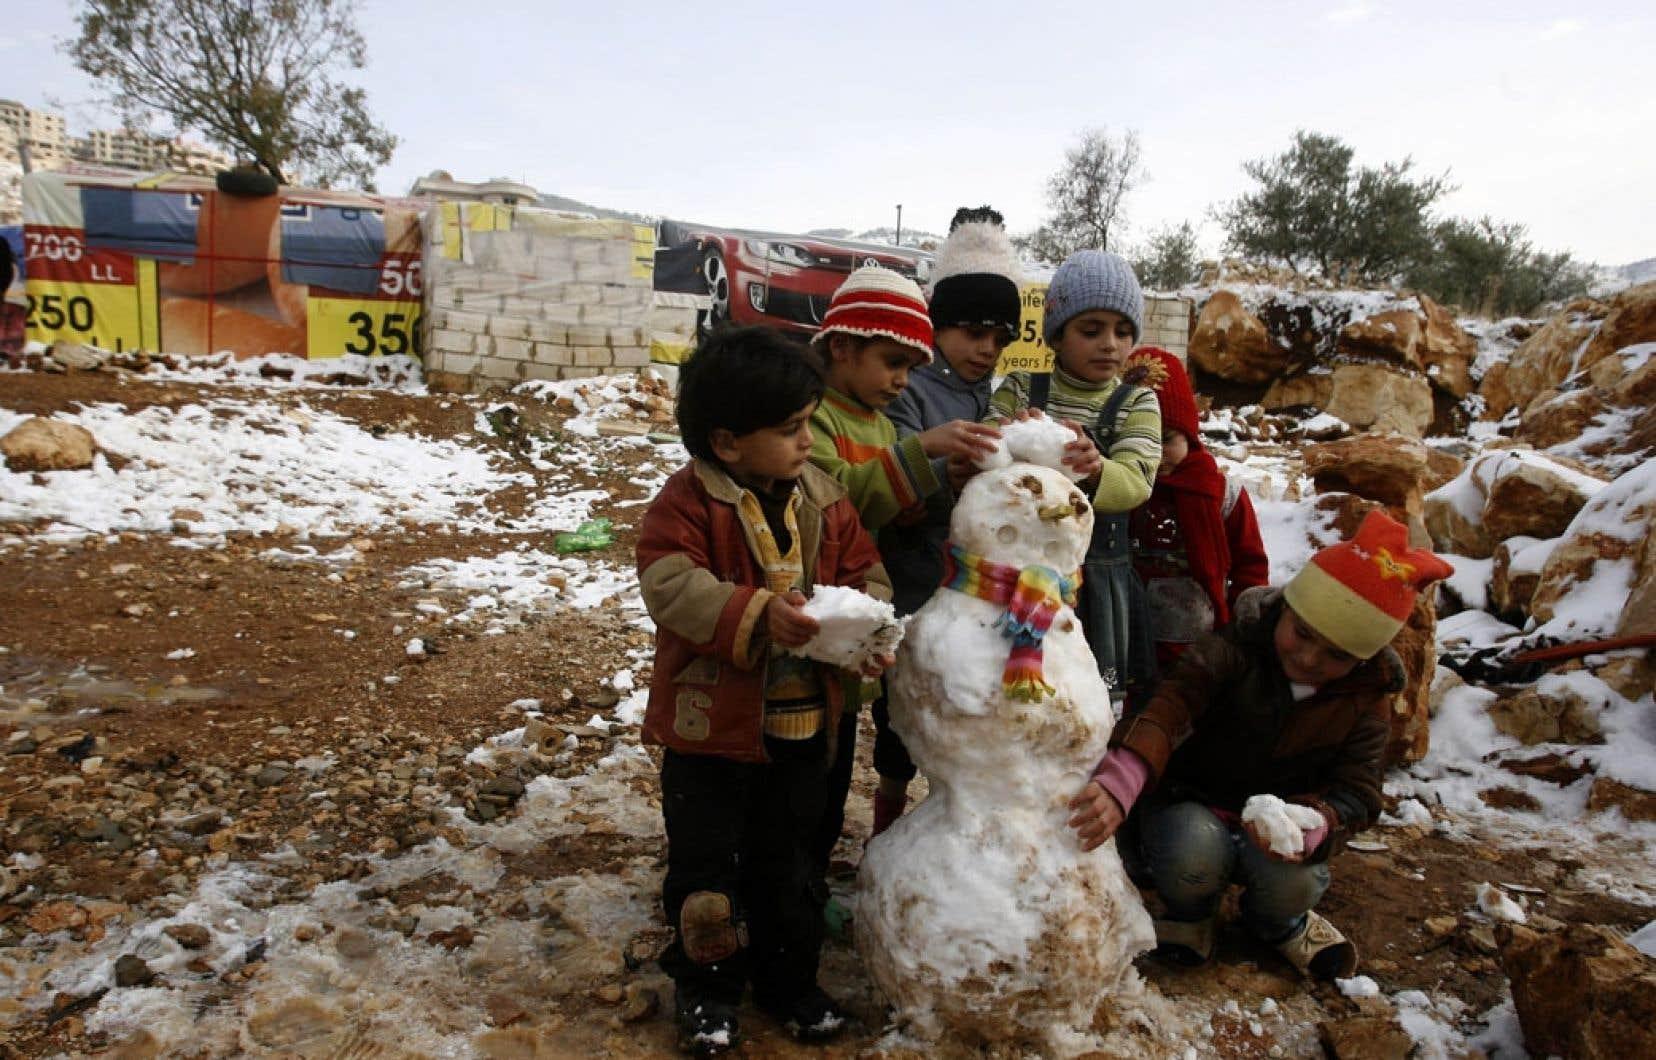 Selon le Haut Commissariat pour les réfugiés, le Liban abrite 800000 réfugiés syriens. Ce sont plus de 2,3millions de personnes qui ont fui la Syrie depuis le début du conflit en mars2011.